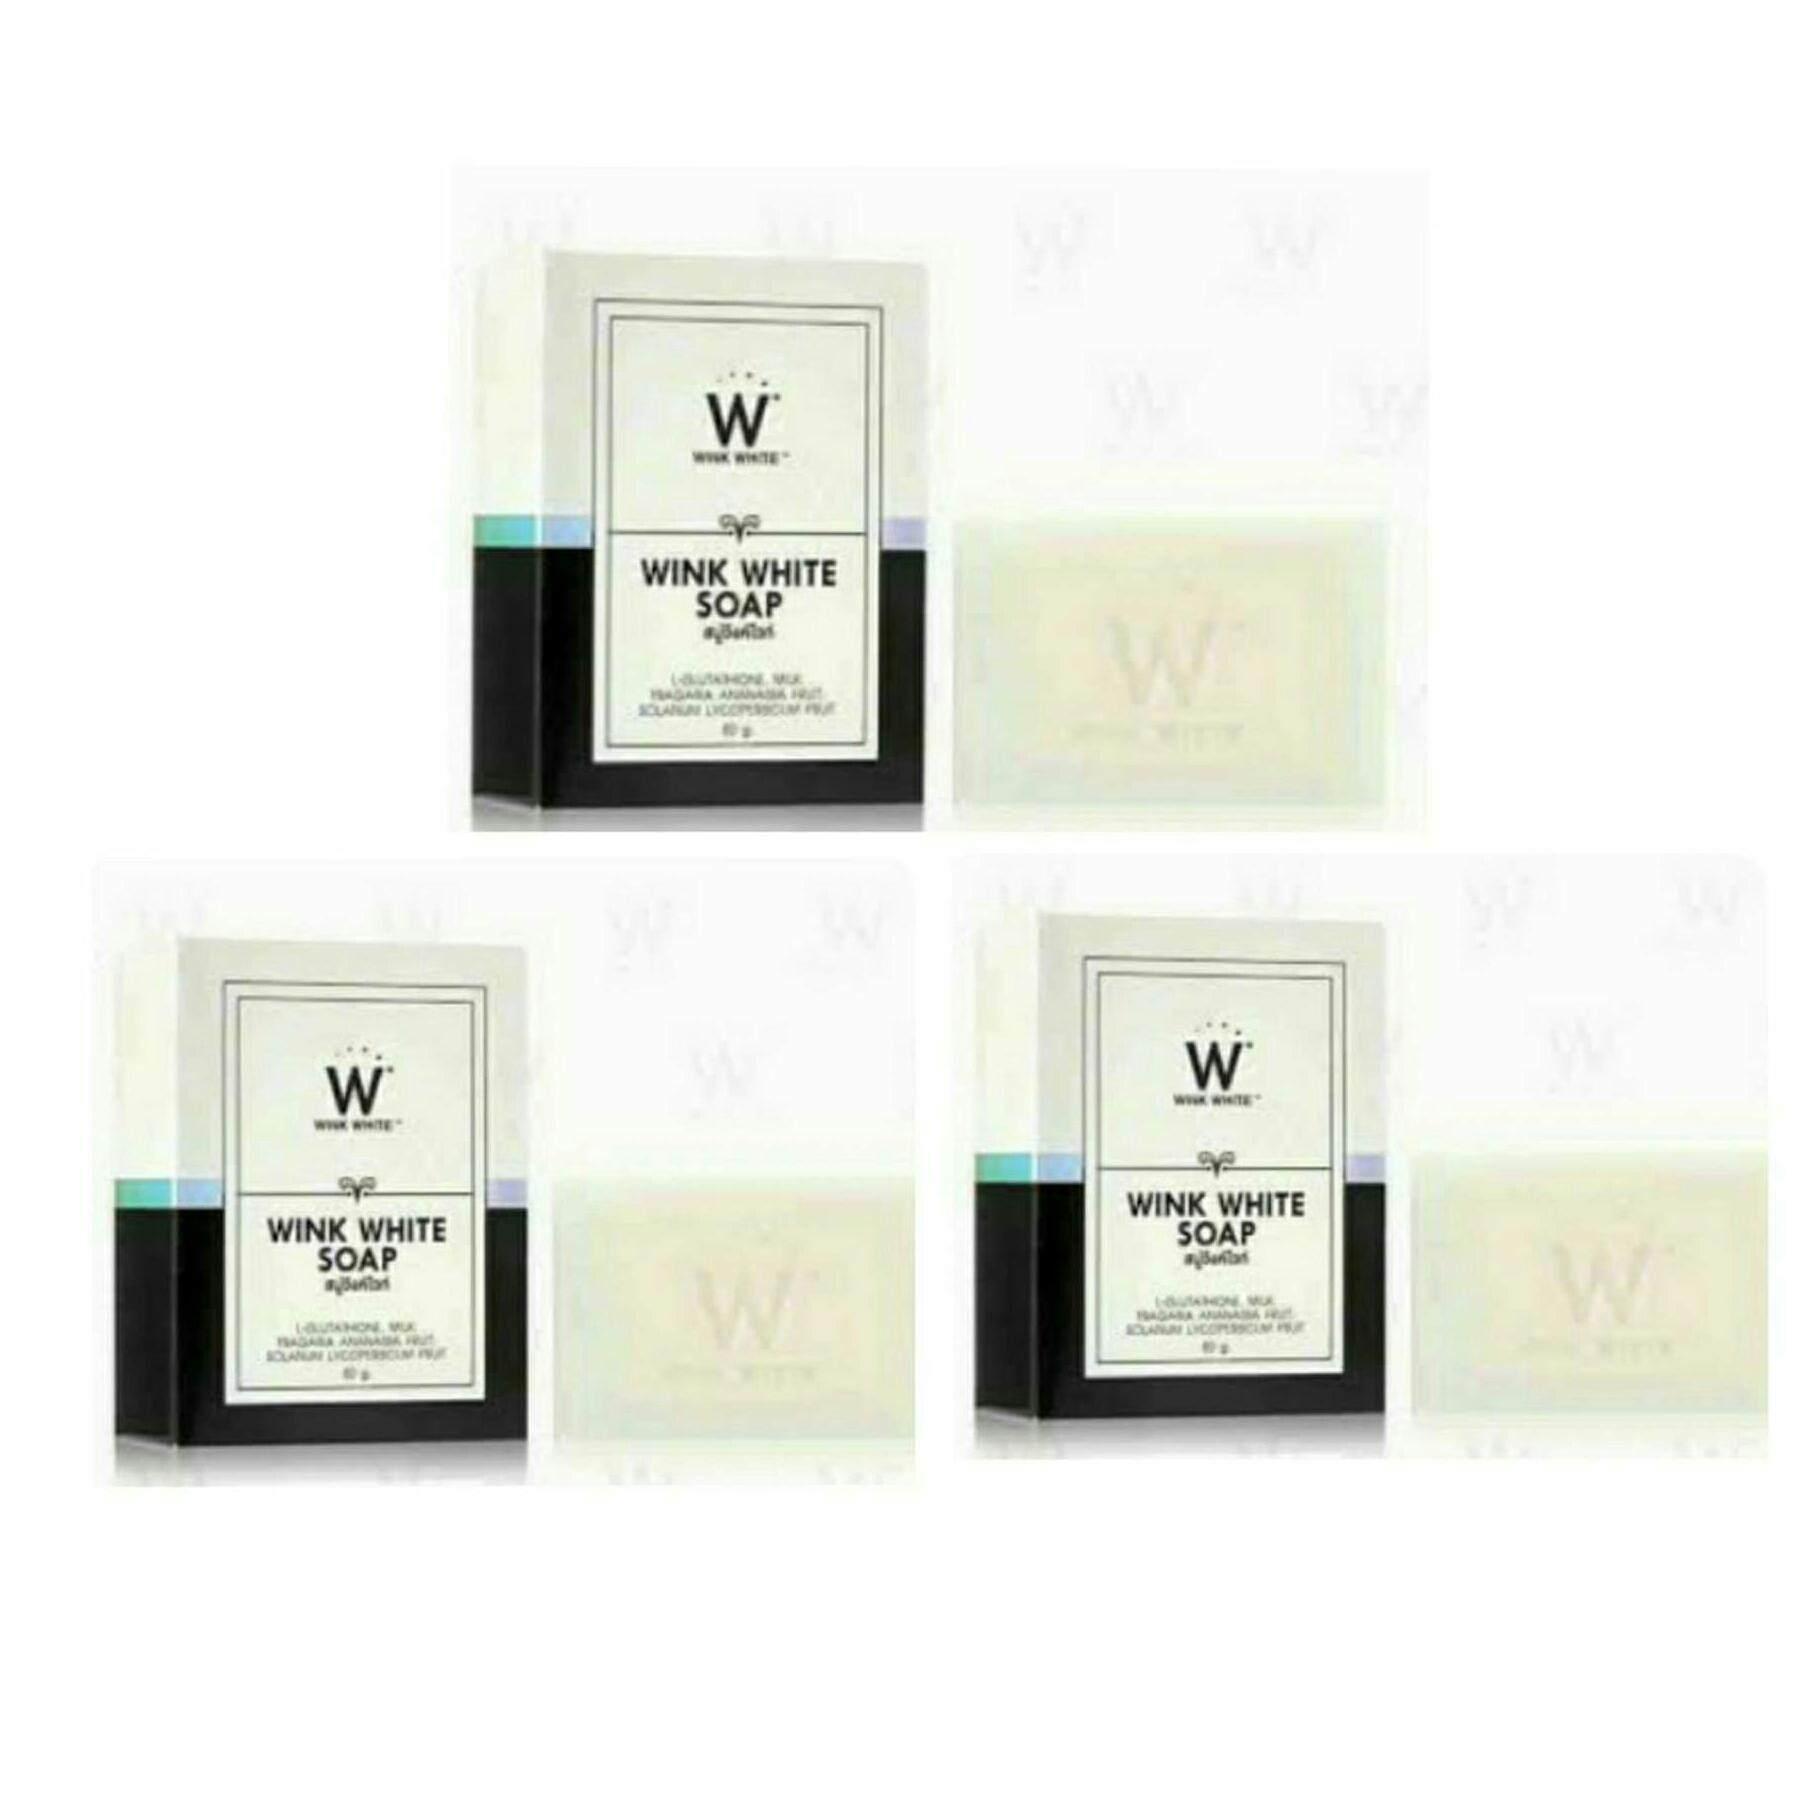 (3 ก้อน) สบู่วิงค์ไวท์  Wink White Soap ก้อนขาว สำหรับผิวกาย บรรจุก้อนละ 80g